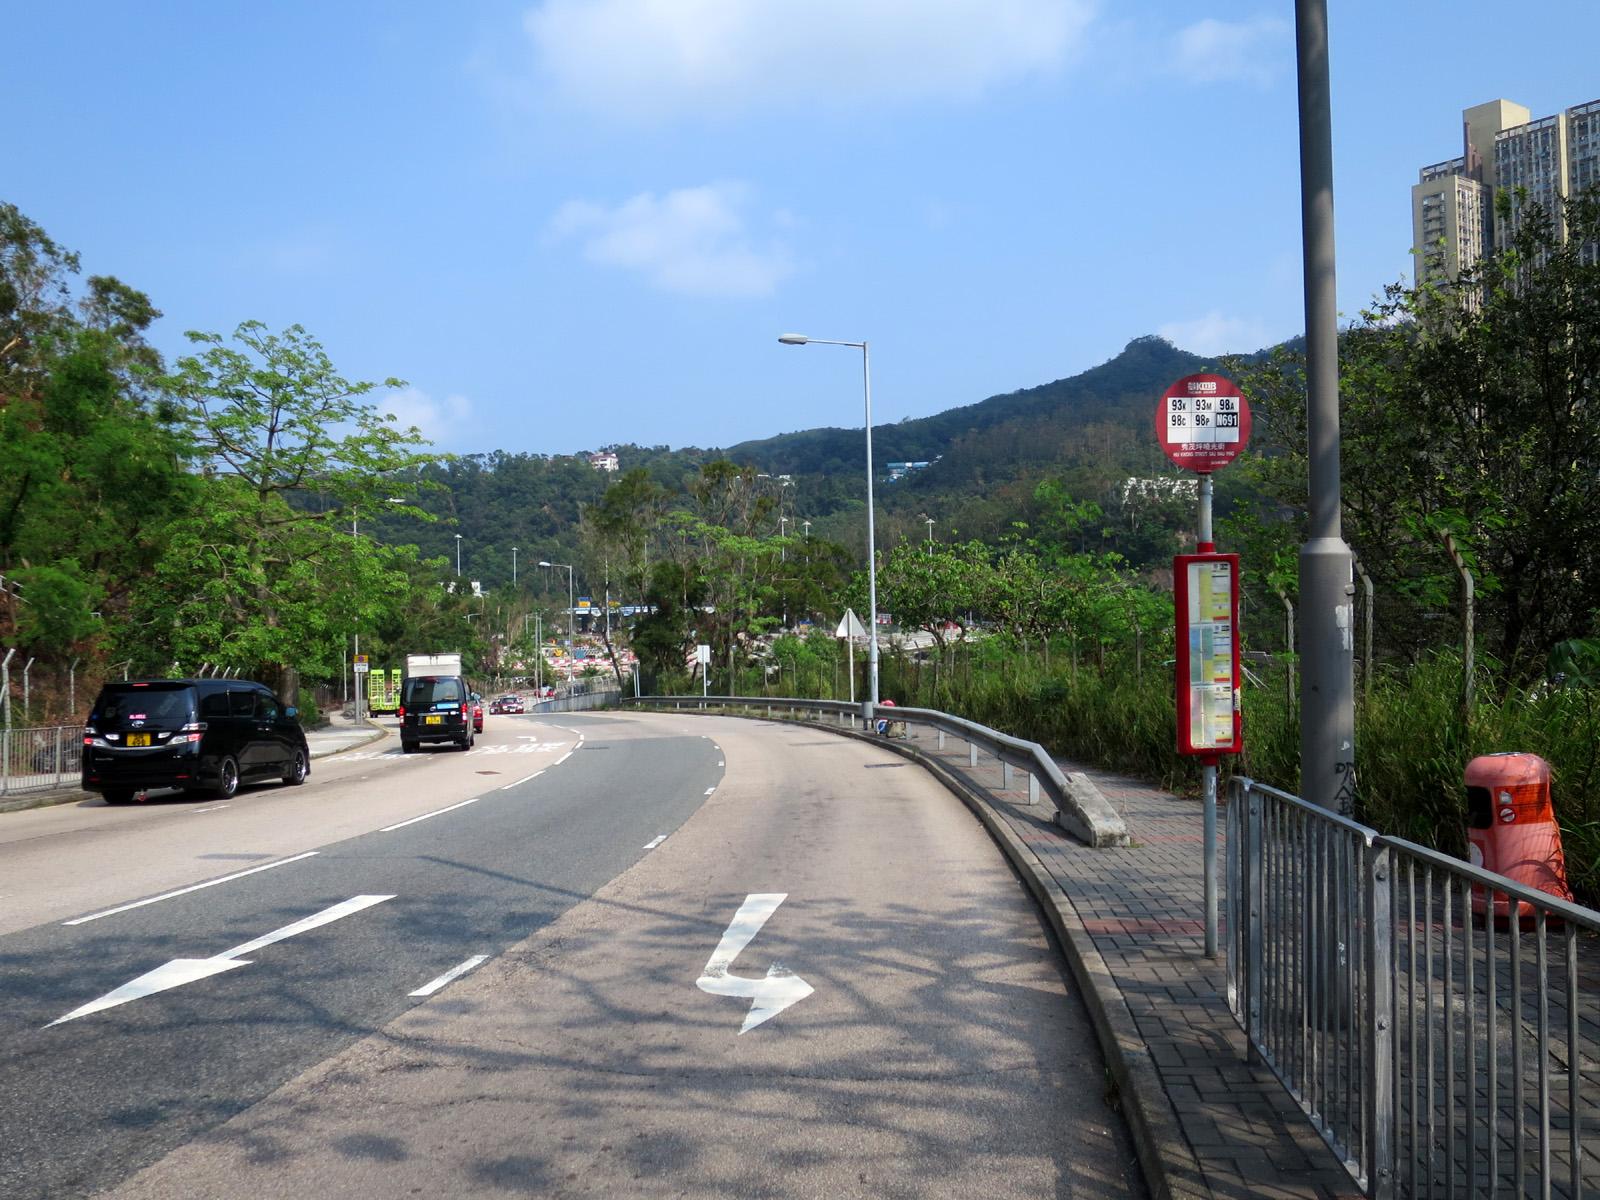 曉光街 (秀茂坪道)